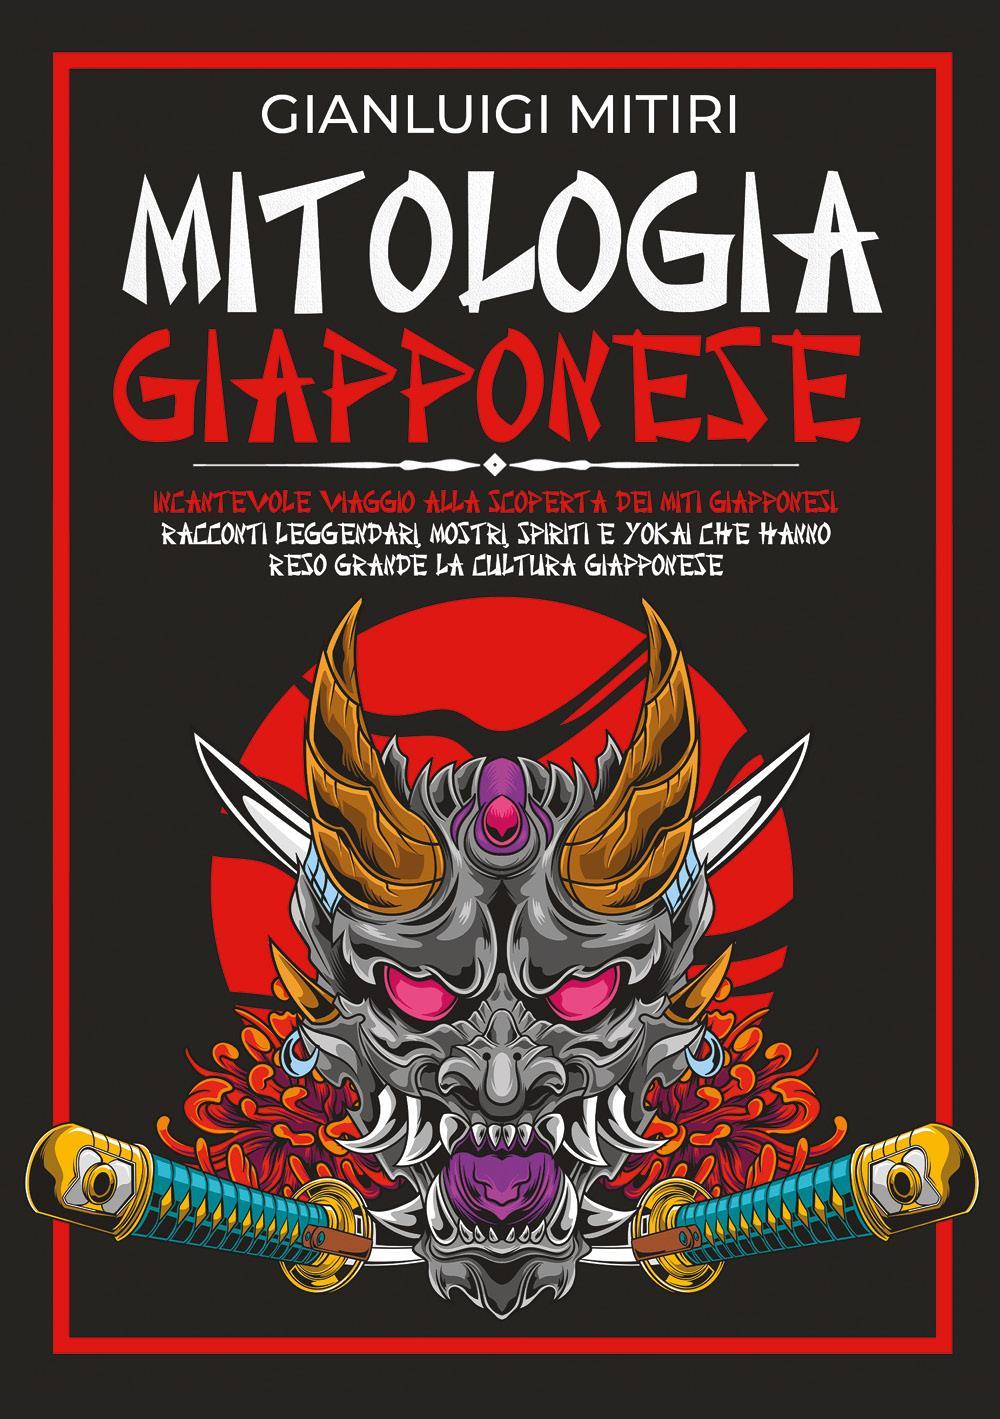 MITOLOGIA GIAPPONESE; Incantevole Viaggio alla Scoperta dei Miti Giapponesi. Racconti Leggendari, Mostri, Spiriti e Yokai che Hanno Reso Grande la Cultura Giapponese